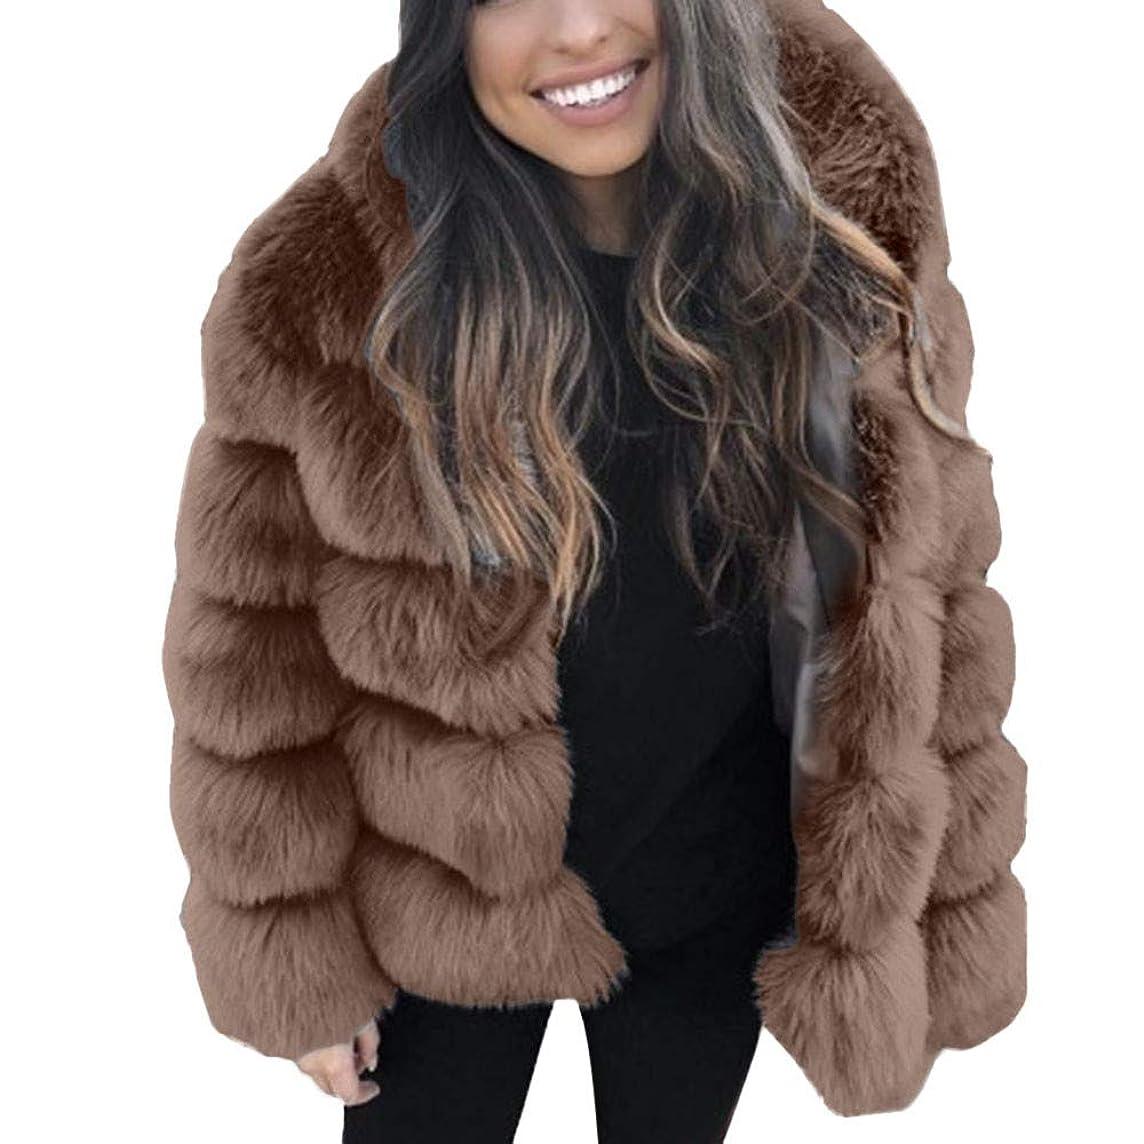 Mink Coats Winter Hooded New Faux Fur Jacket Warm Thick Outerwear Jacket Women